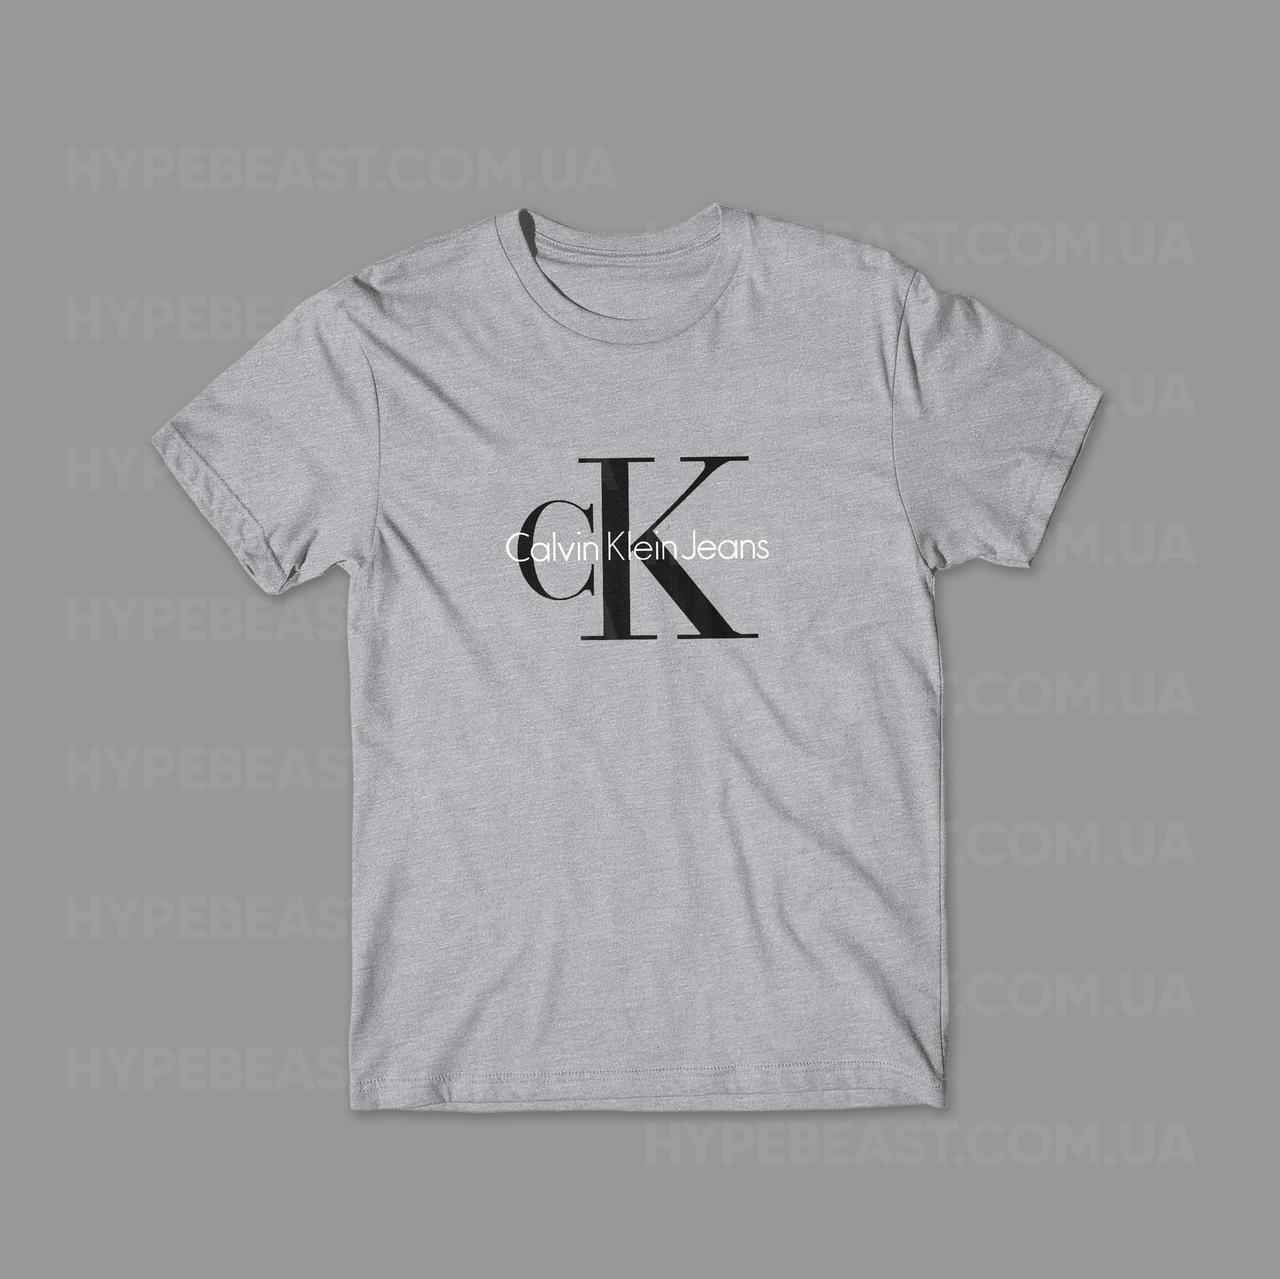 95d6242e06e44 Футболка Calvin Klein | серый | с принтом | реплика - Интернет-магазин  хайповой одежды